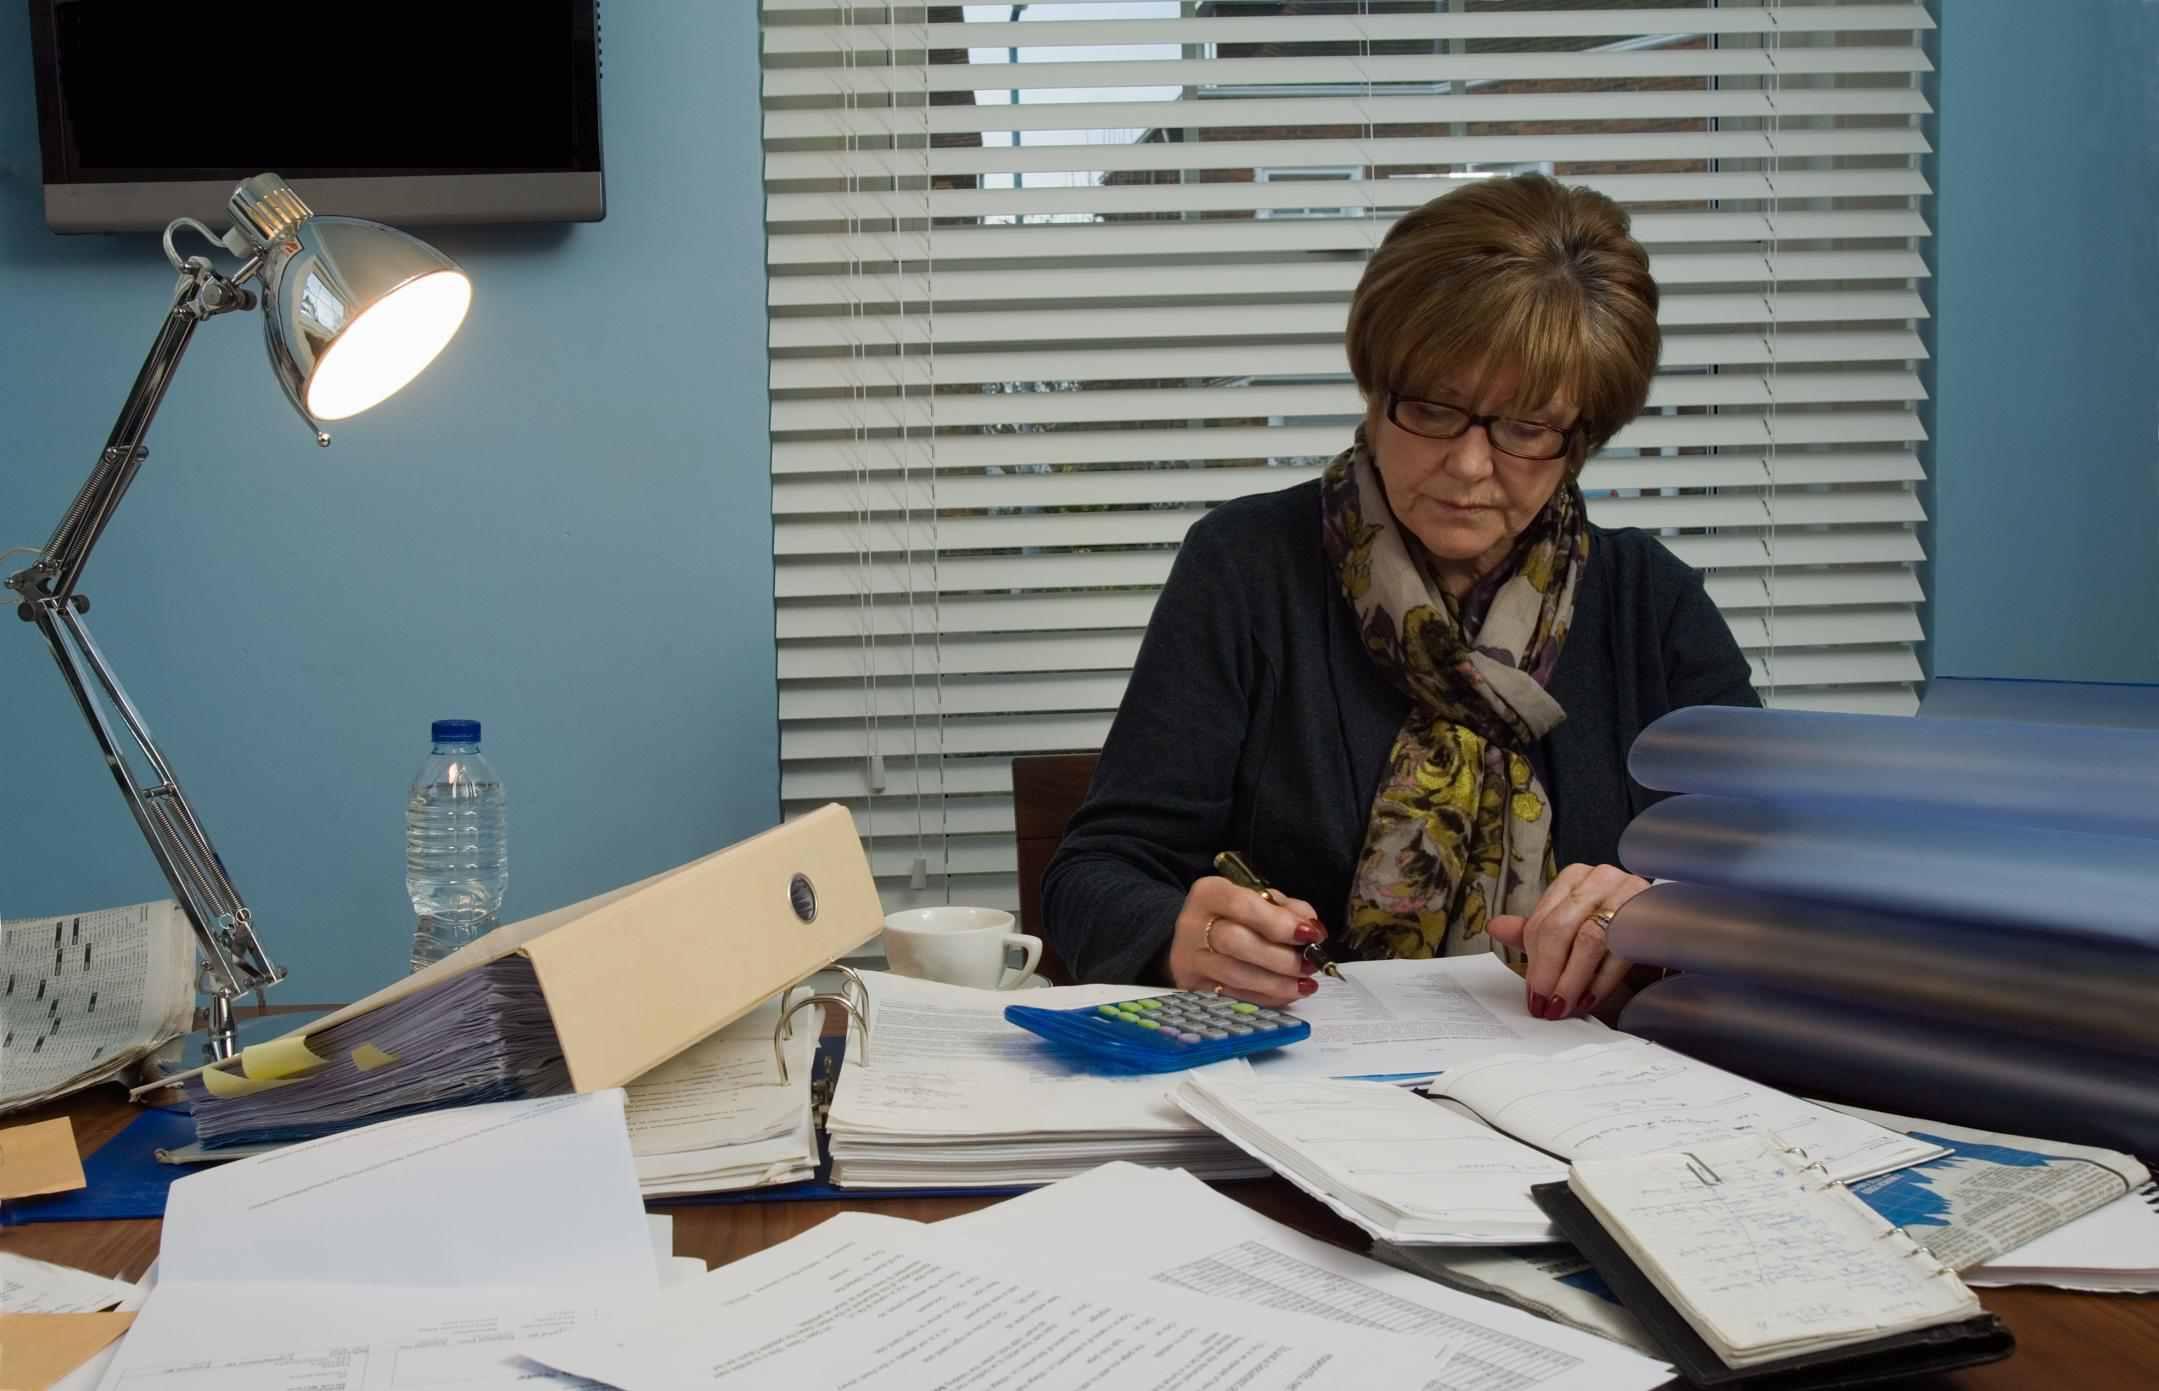 زنی که در دفتر خانه کار می کند